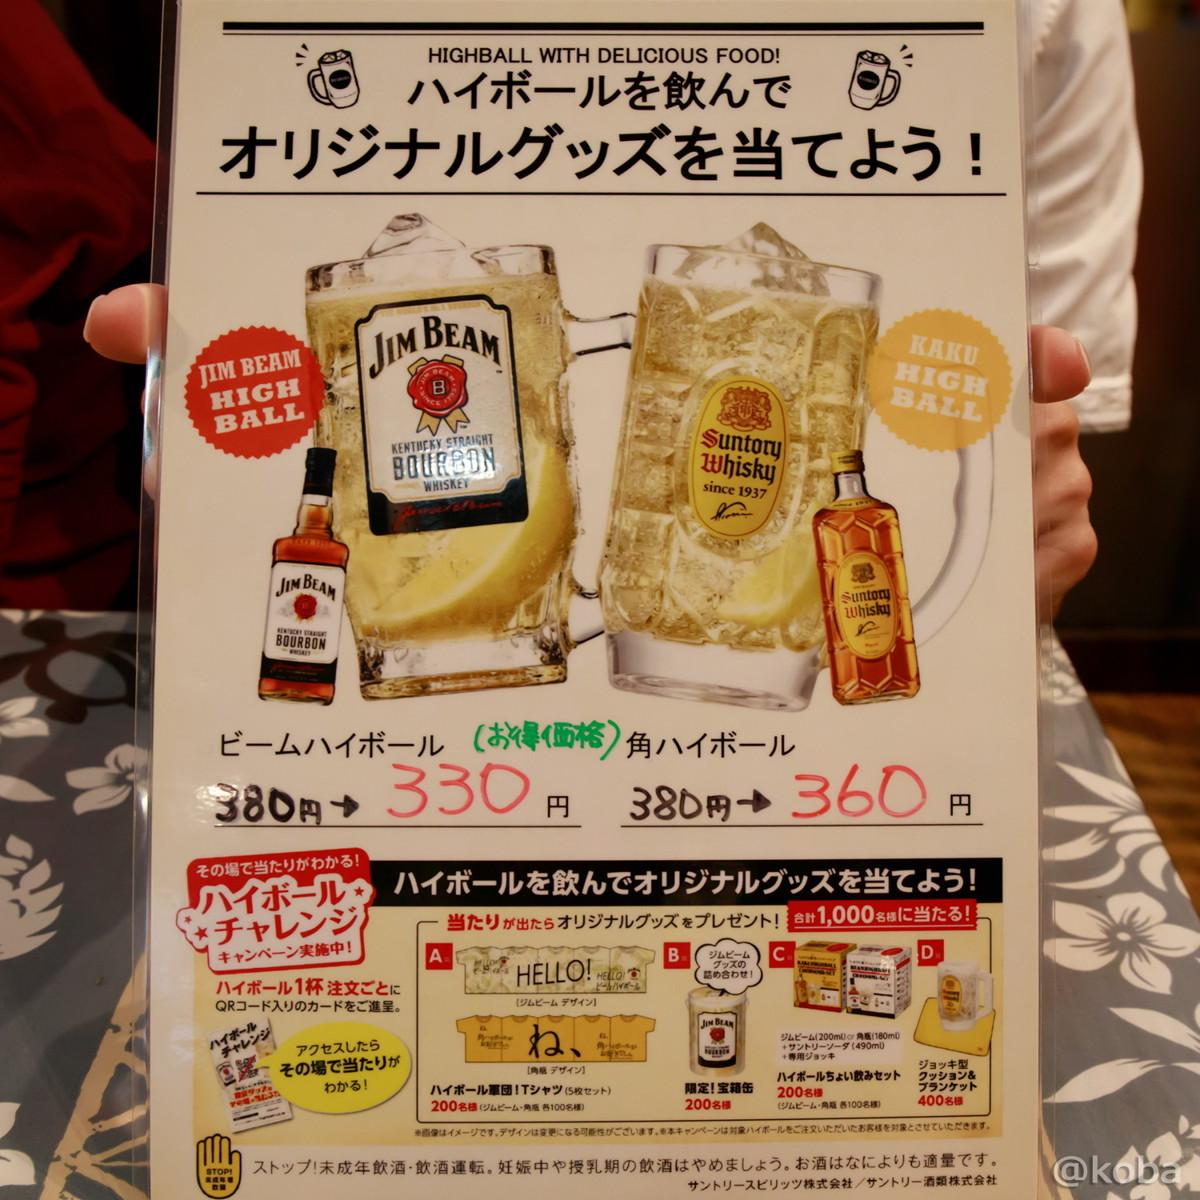 アルコールメニュー ハイボール_tibaken kamagaya Coca(koka) namapasuta tedukuripiza itarian